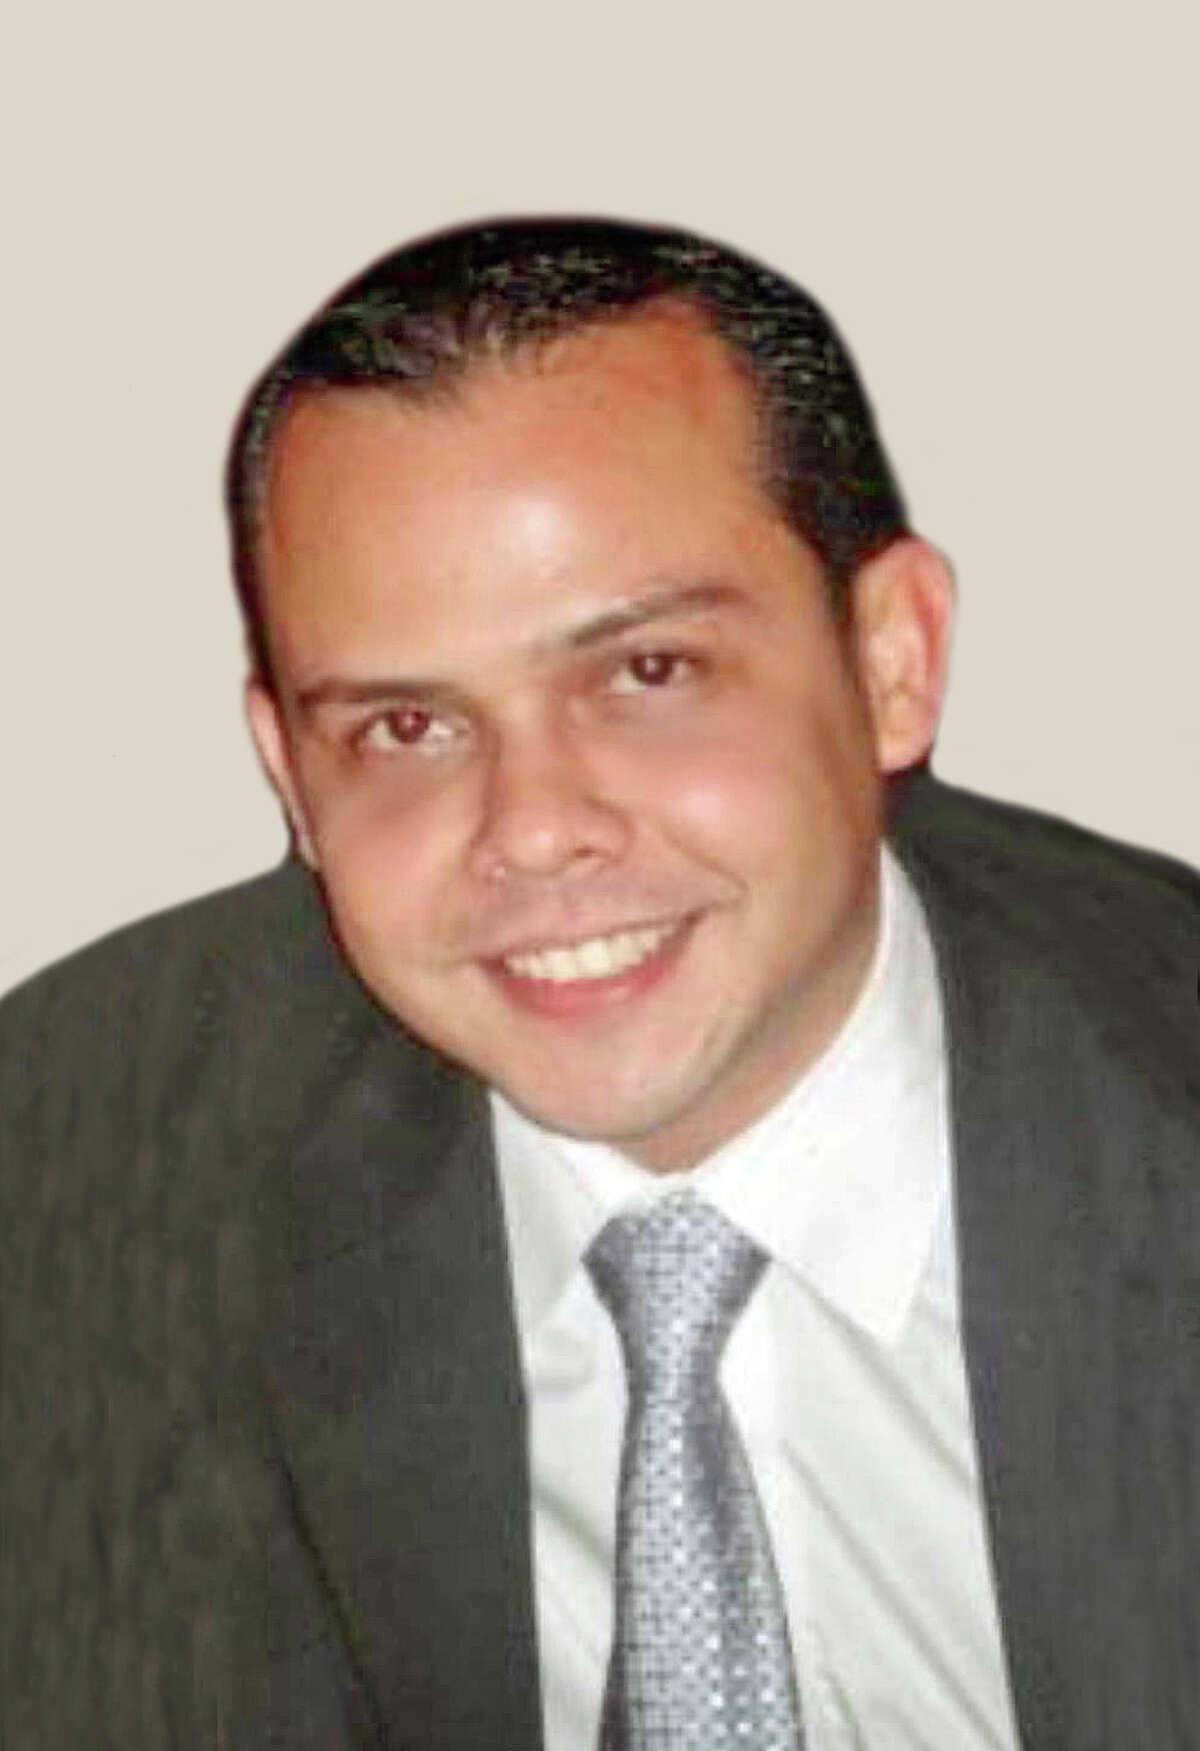 Luis Carlos Soto